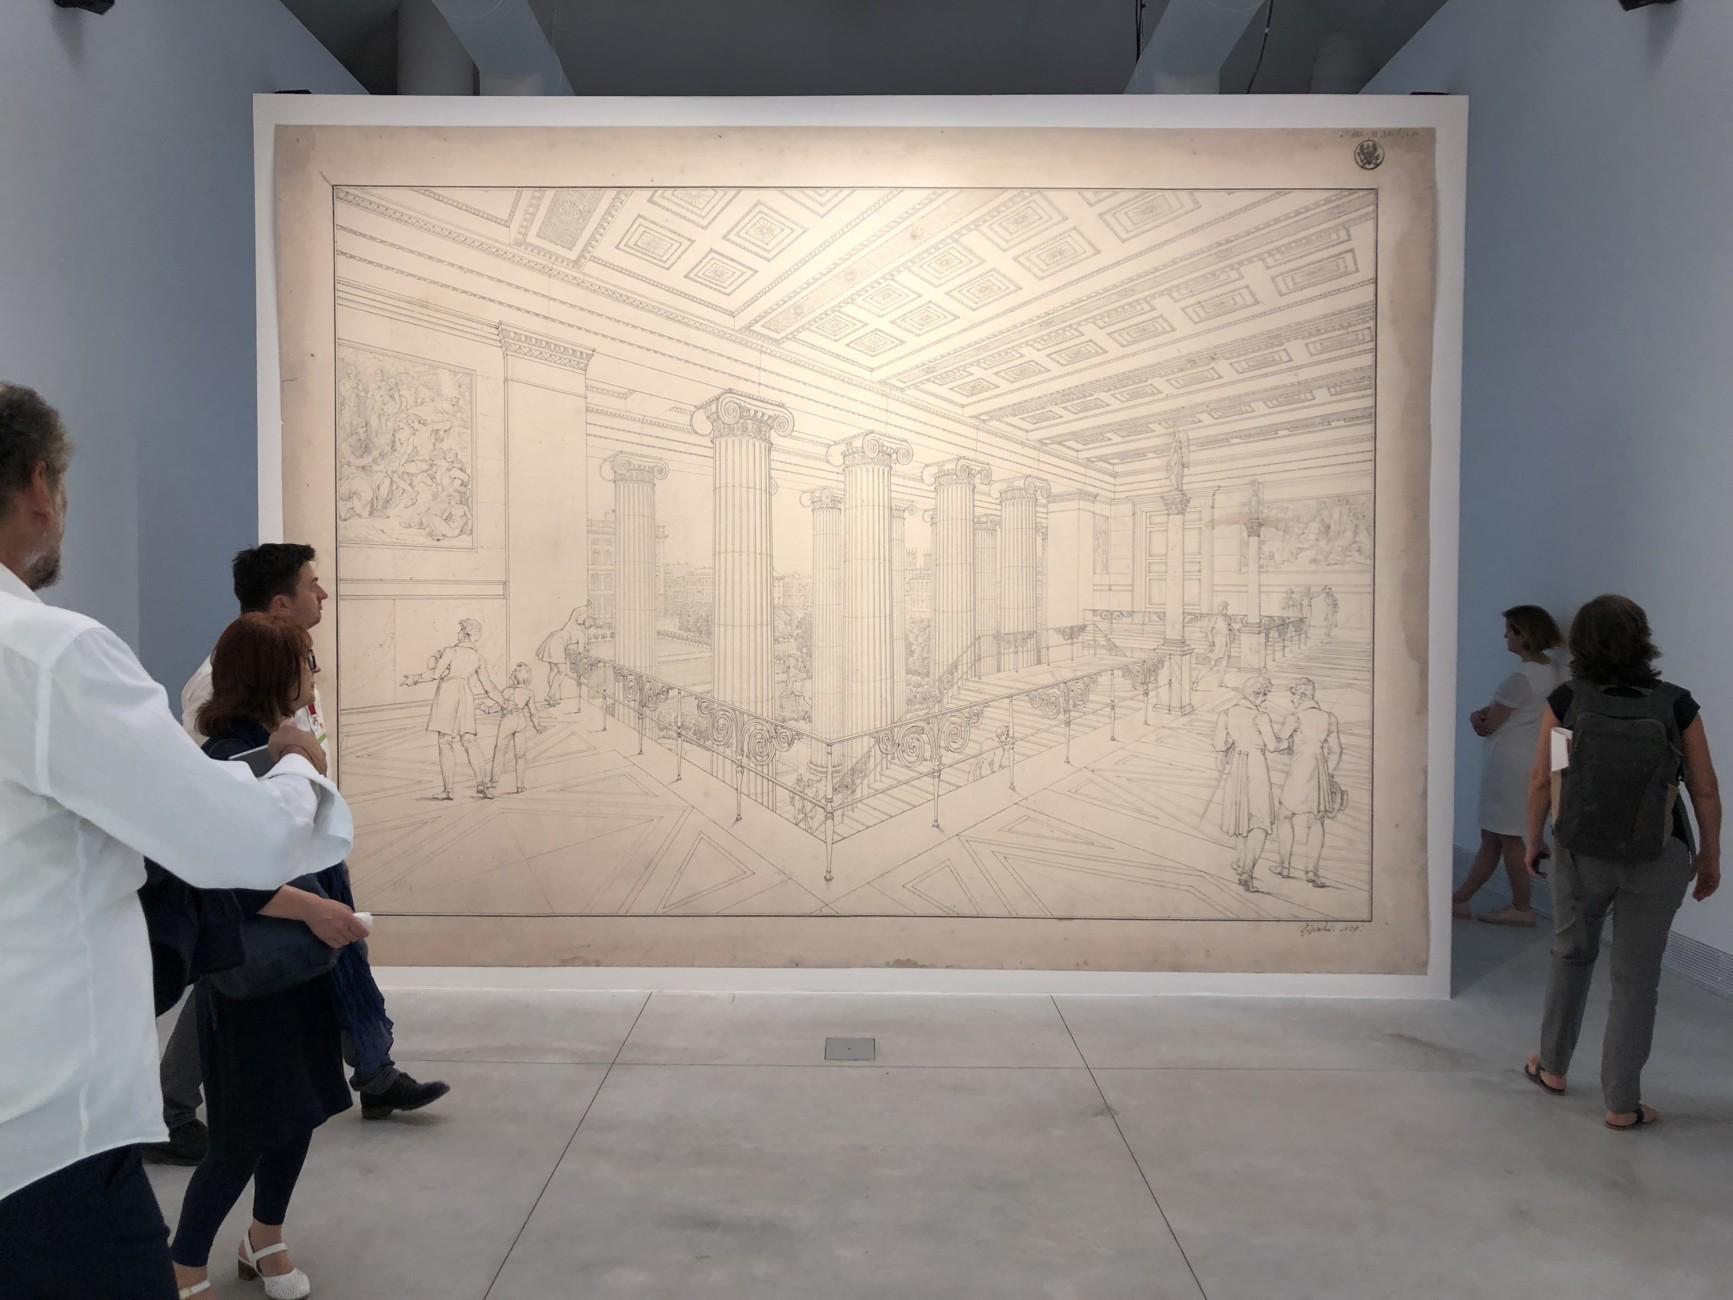 Biennale 2018, Central Pavilion, David Chipperfield, Karl Friedrich Schinkel, Altes Museum, Stylepark